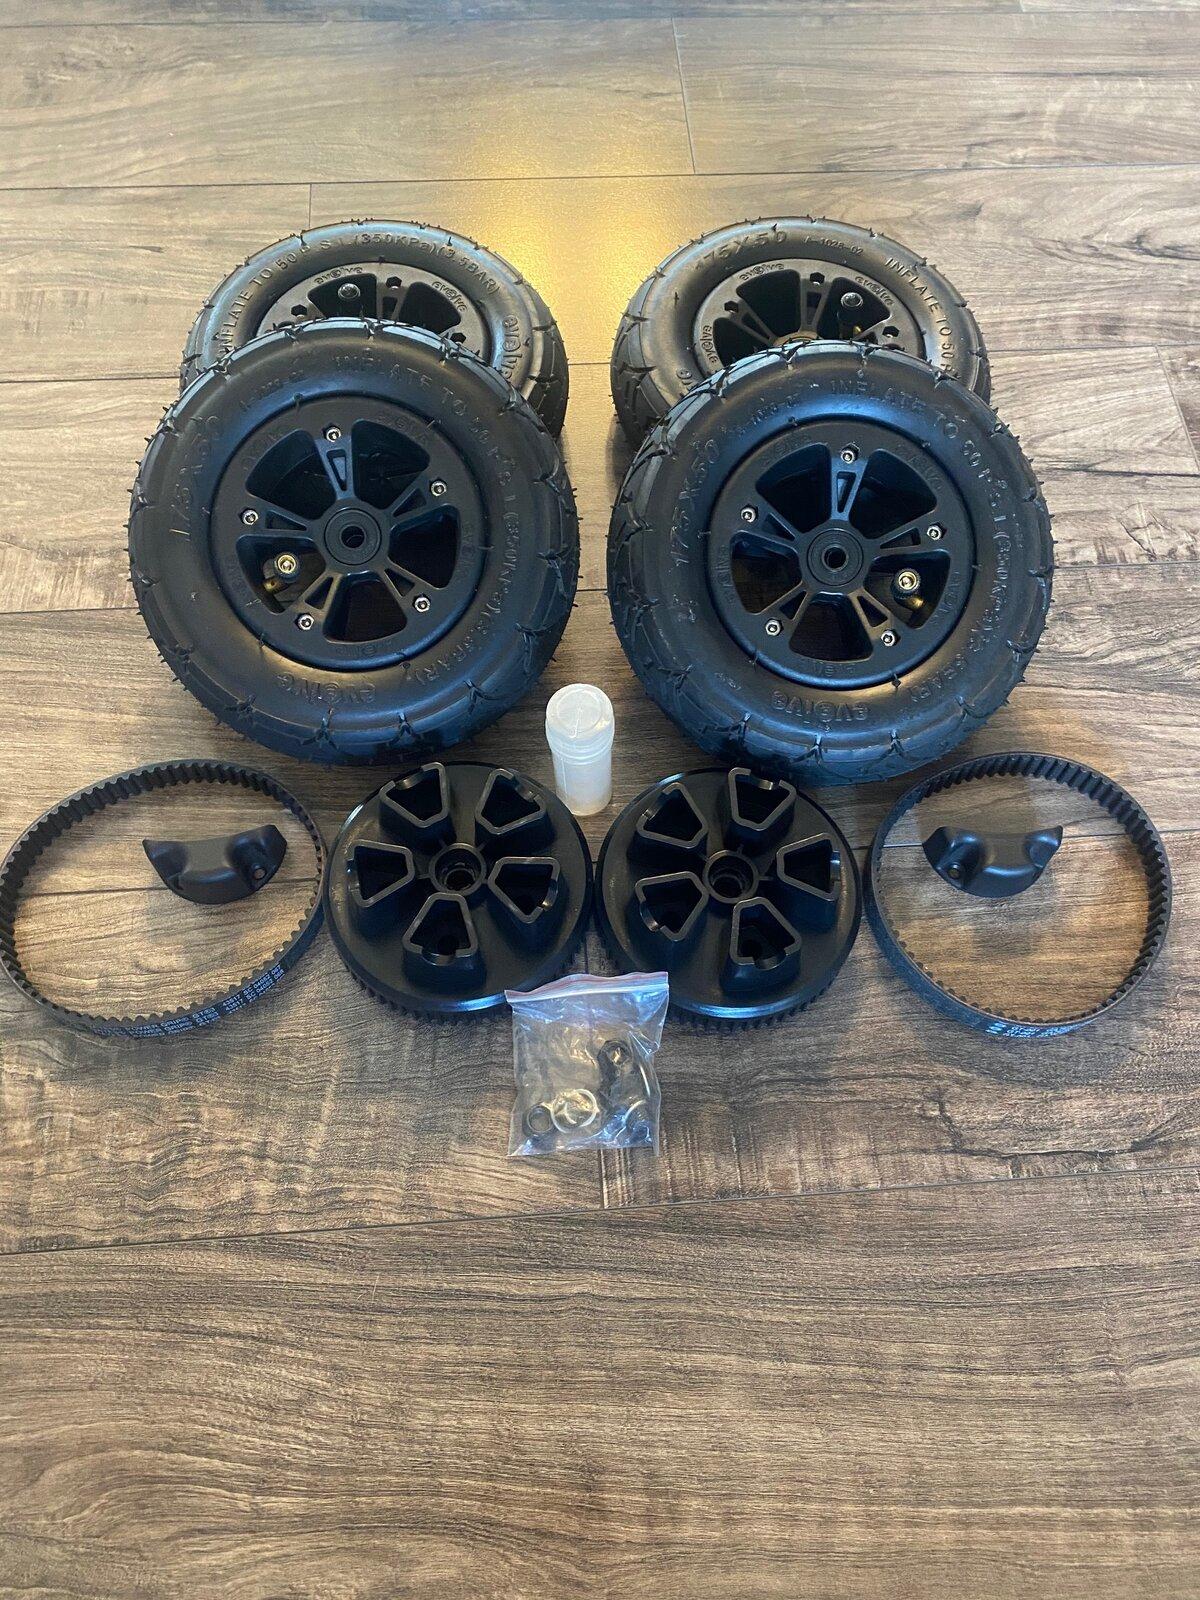 Evolve All Terrain Wheels Conversion For Sale 4.jpg